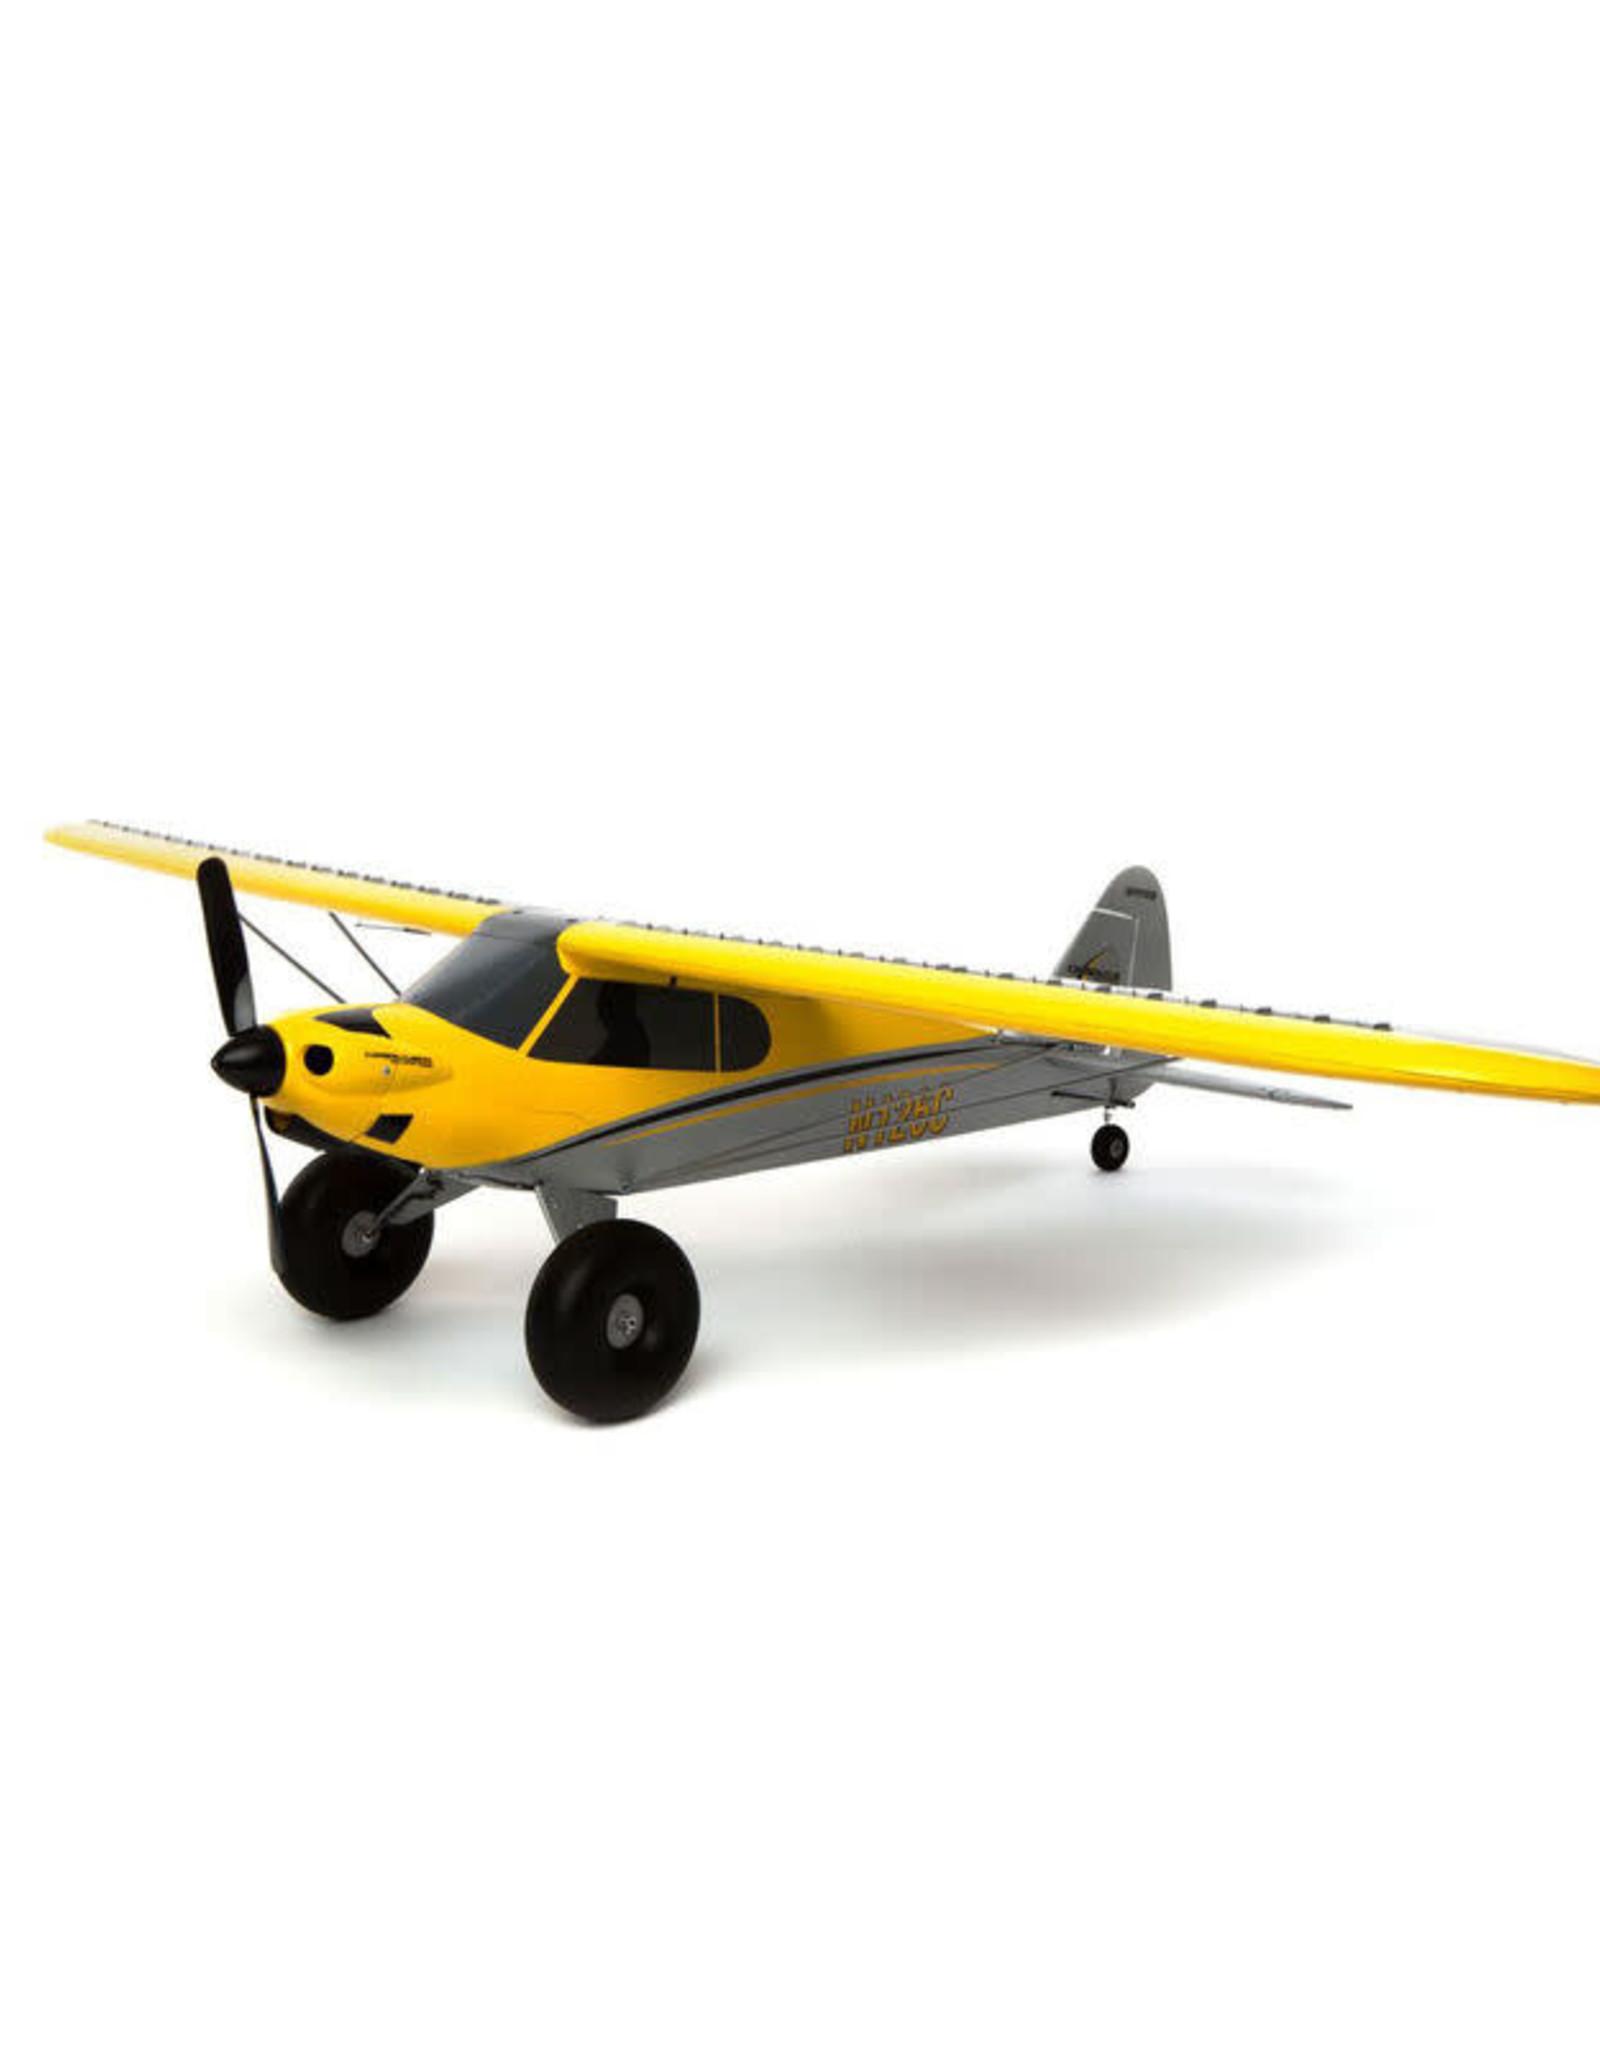 HobbyZone HBZ32000 Carbon Cub S 2 1.3m RTF with SAFE